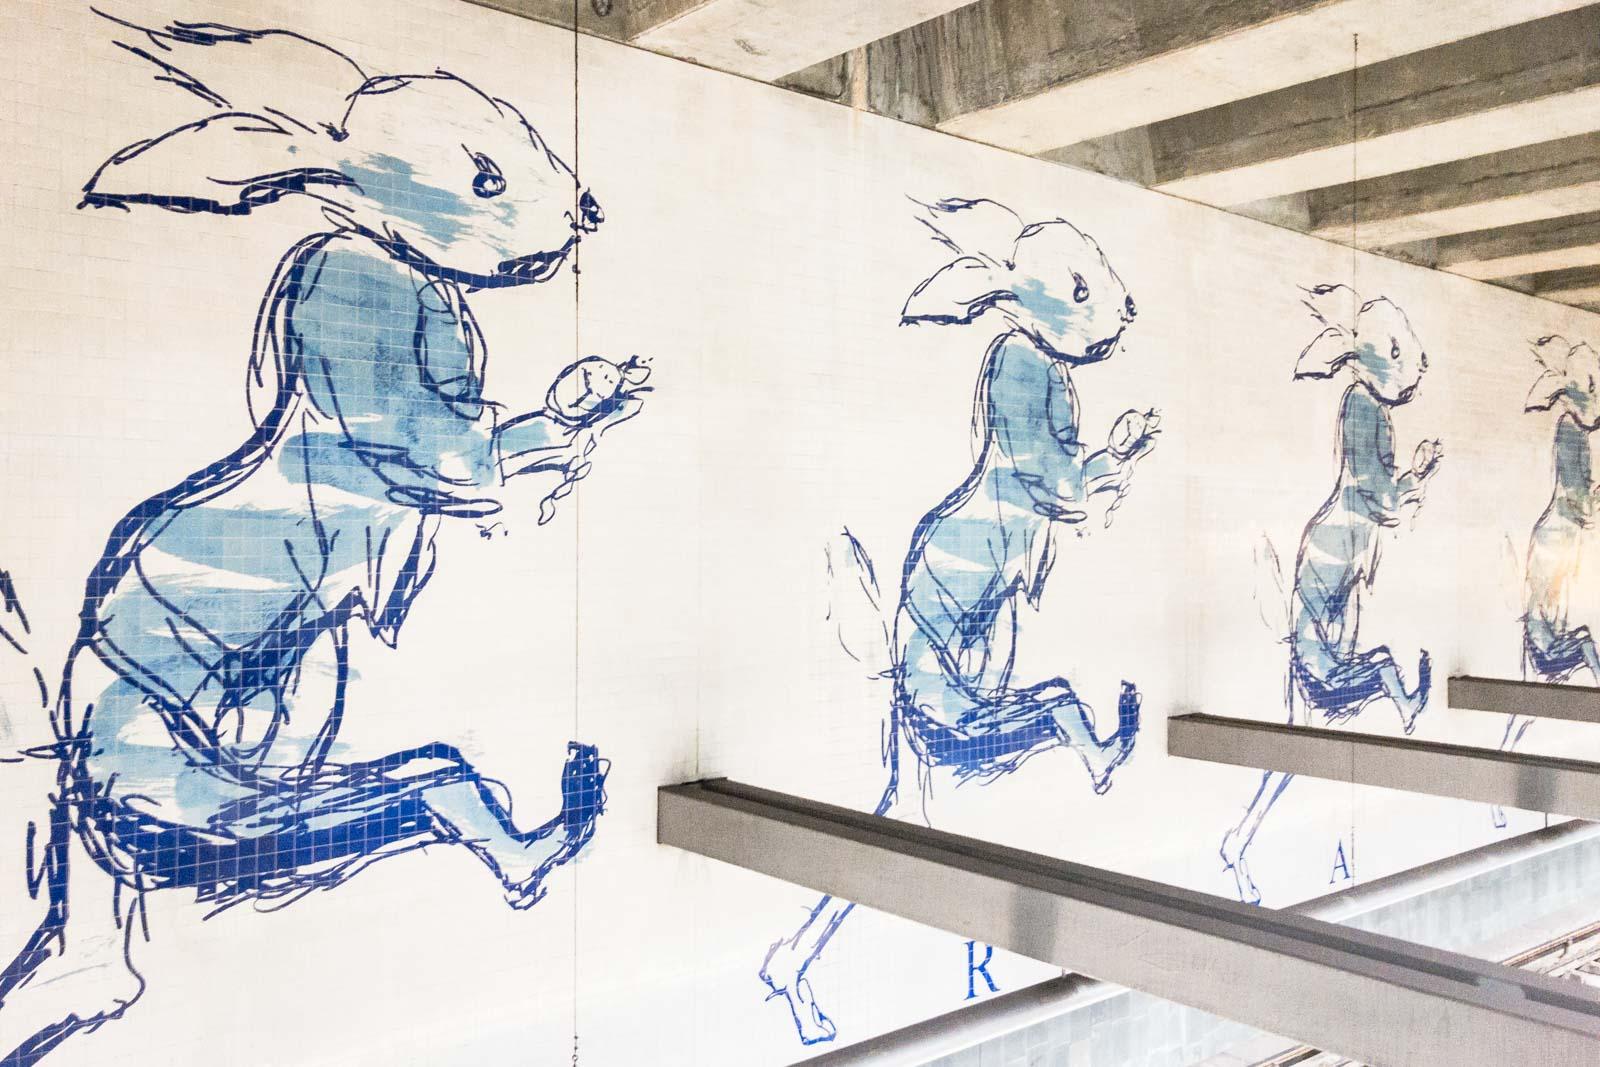 Cais do Sodre, Lisbon Metro Art